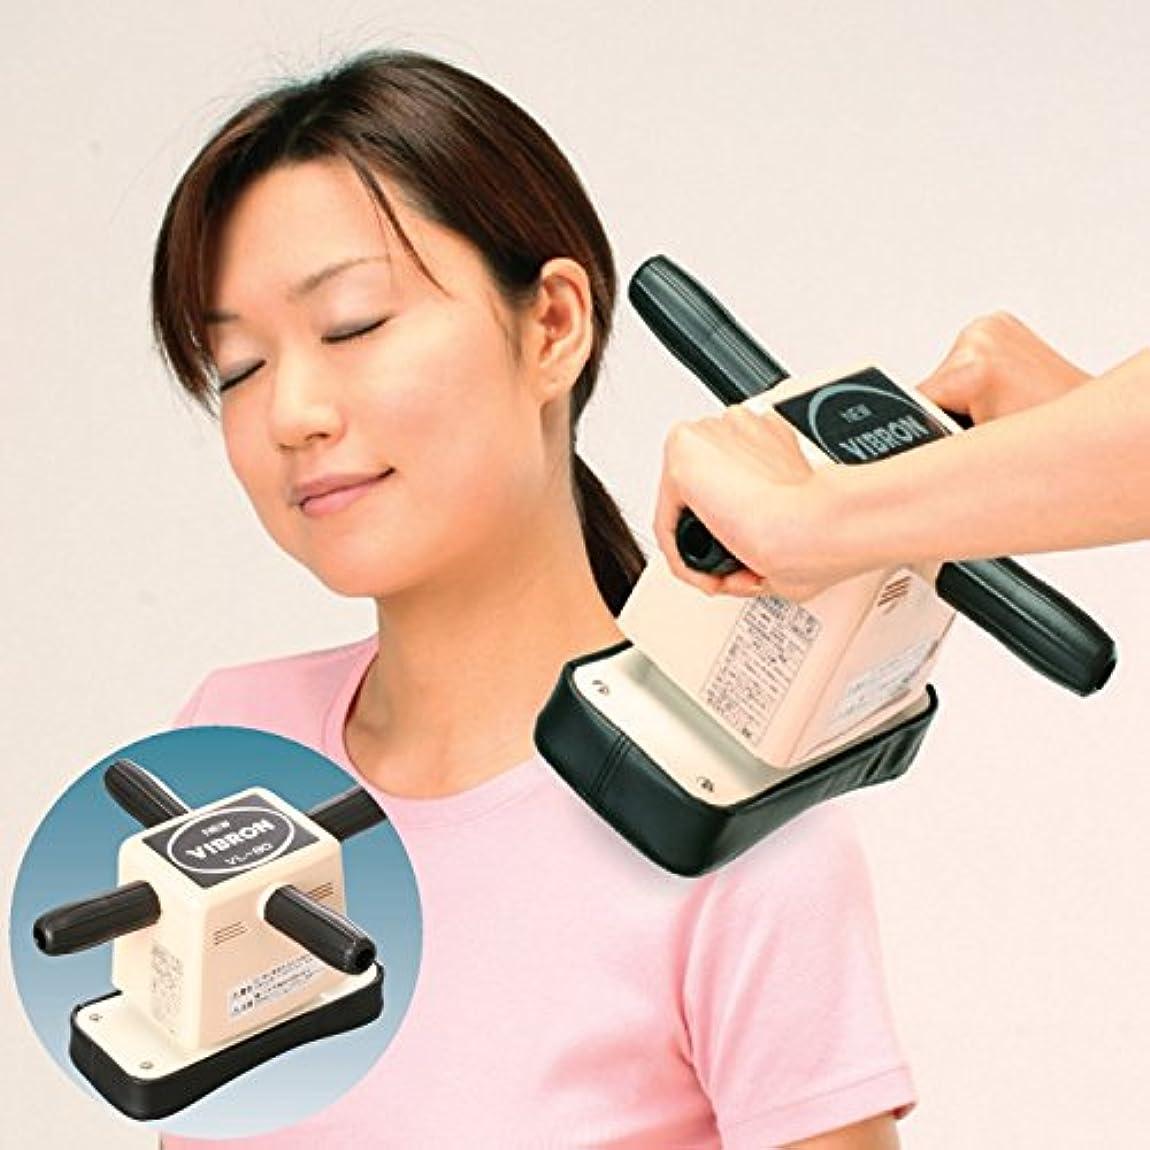 二層くびれた効能あるマッサージ器 家庭用 電動 按摩器 小型 日本製 (首?腰?足?ふくろはぎ?肩こりに)